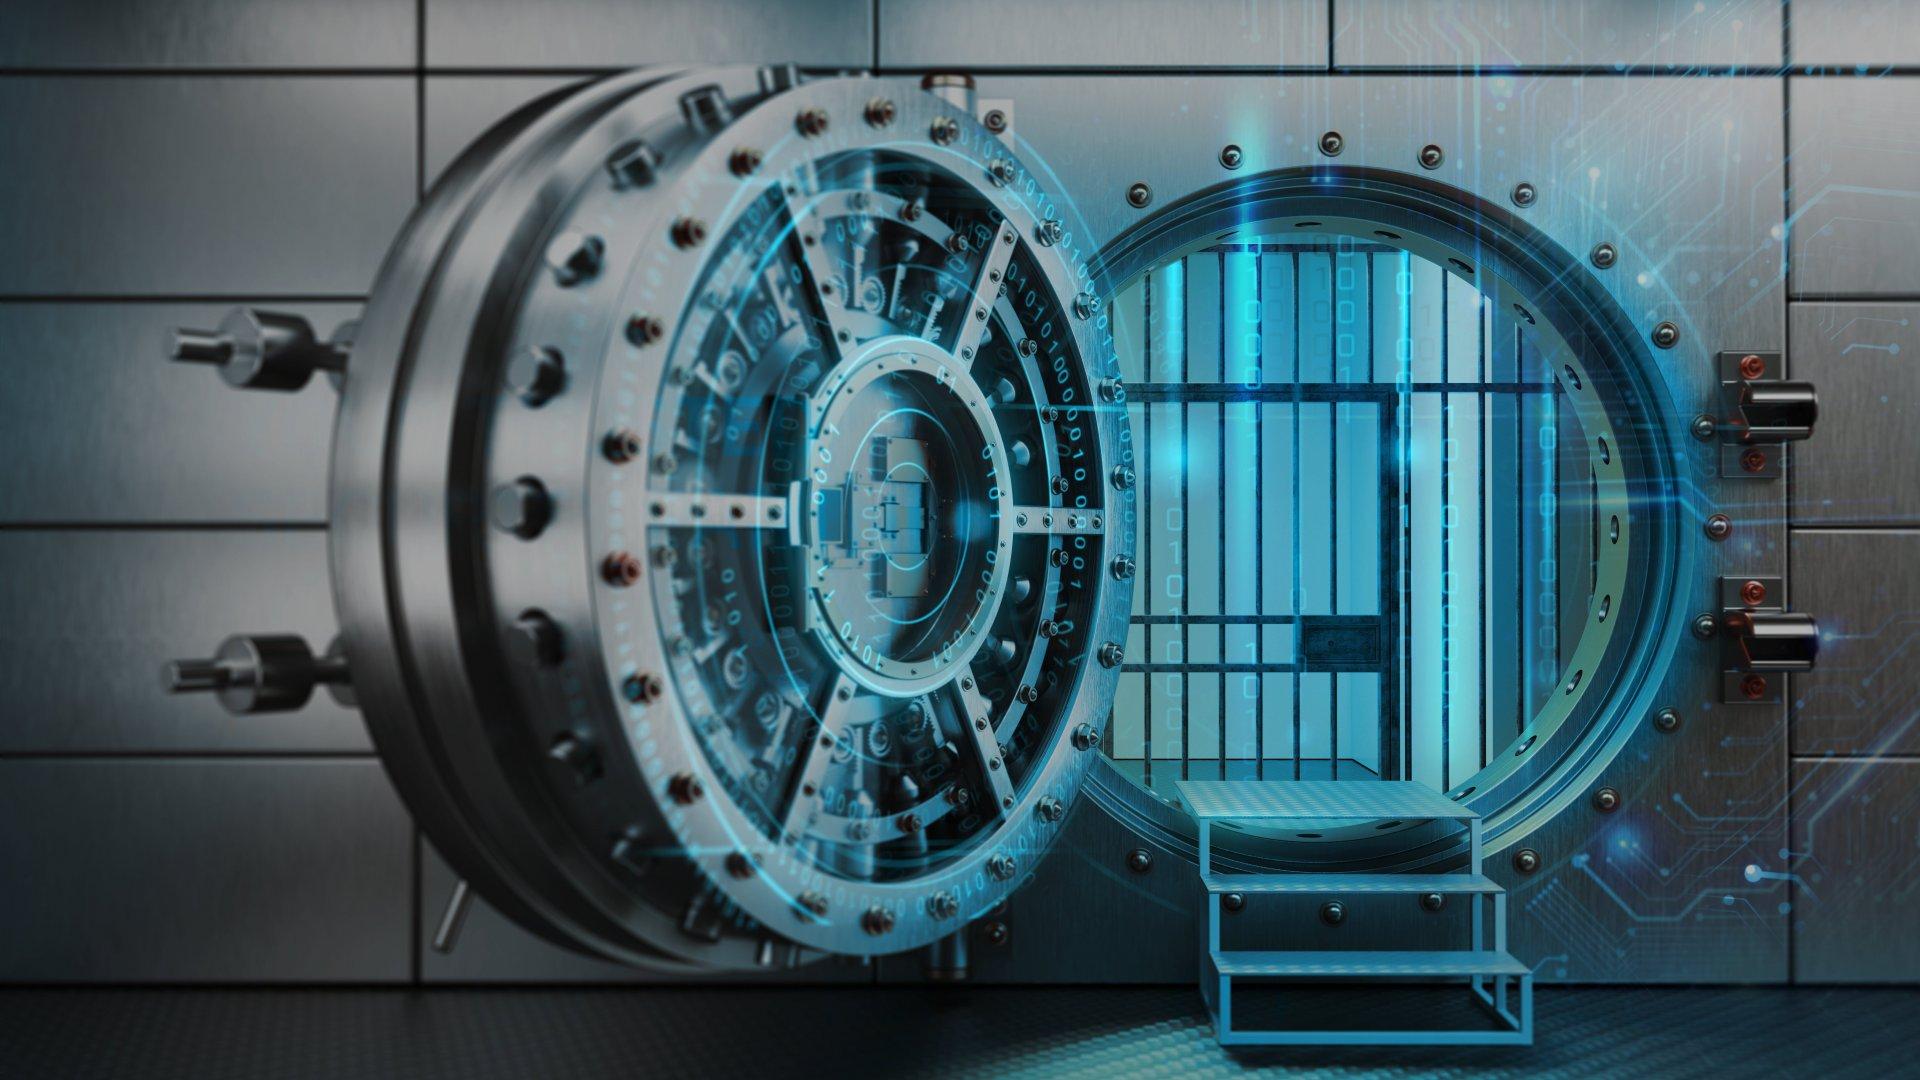 A digital bank safe with door open